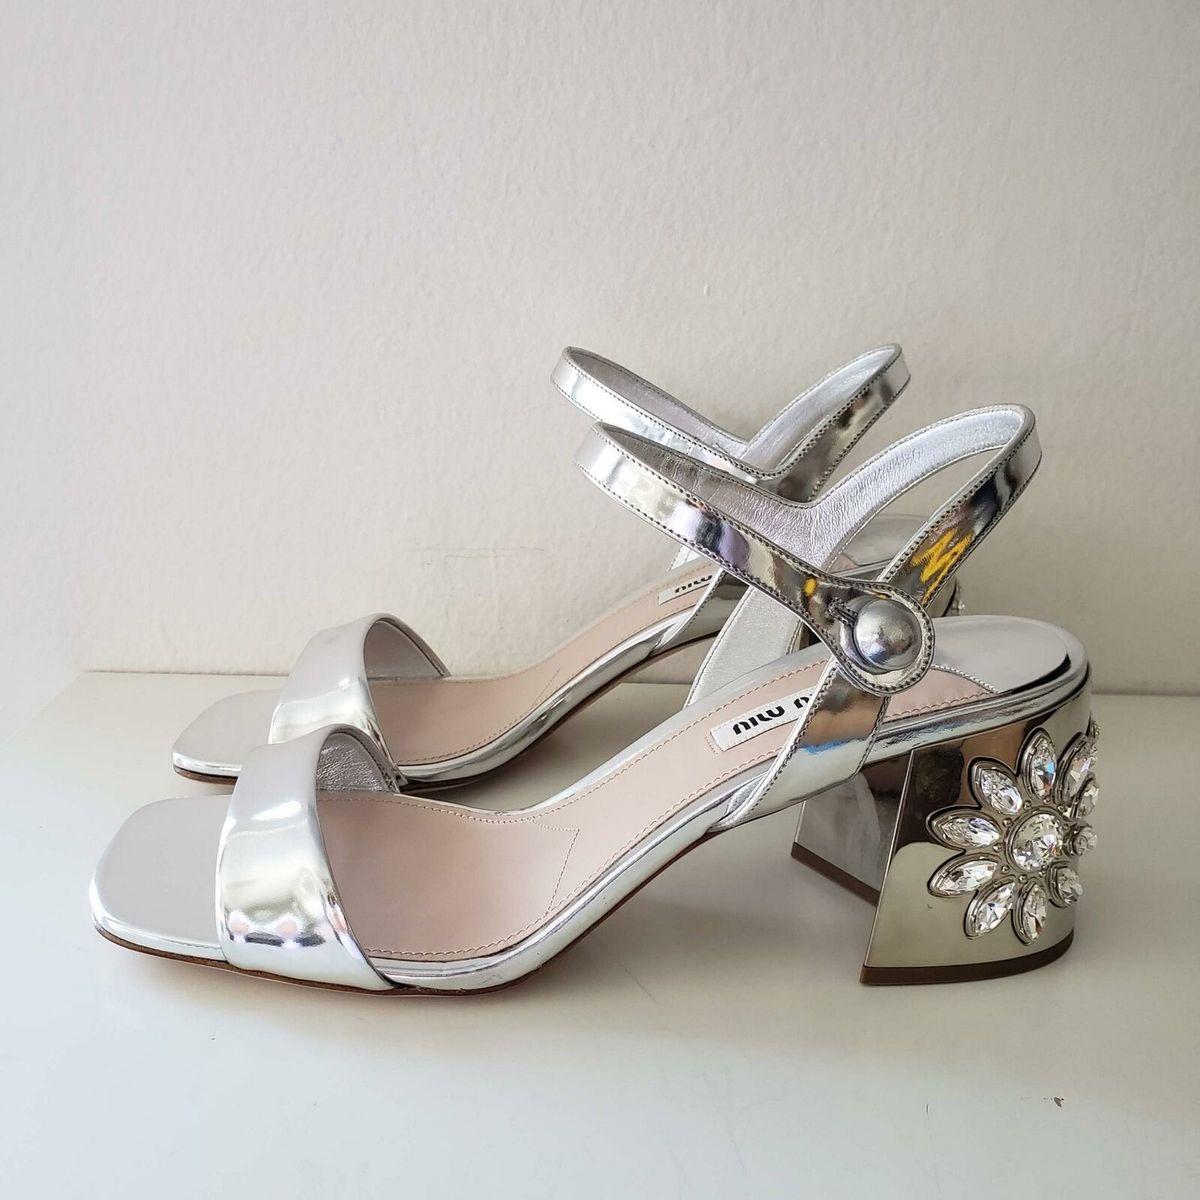 Miu Miu ミュウミュウ メタリック シルバー レザー ストラップ サンダル クリスタル ヒール シューズ Metallic Silver Leather Strap Sandals Crystal Heel Shoes Size 7.5